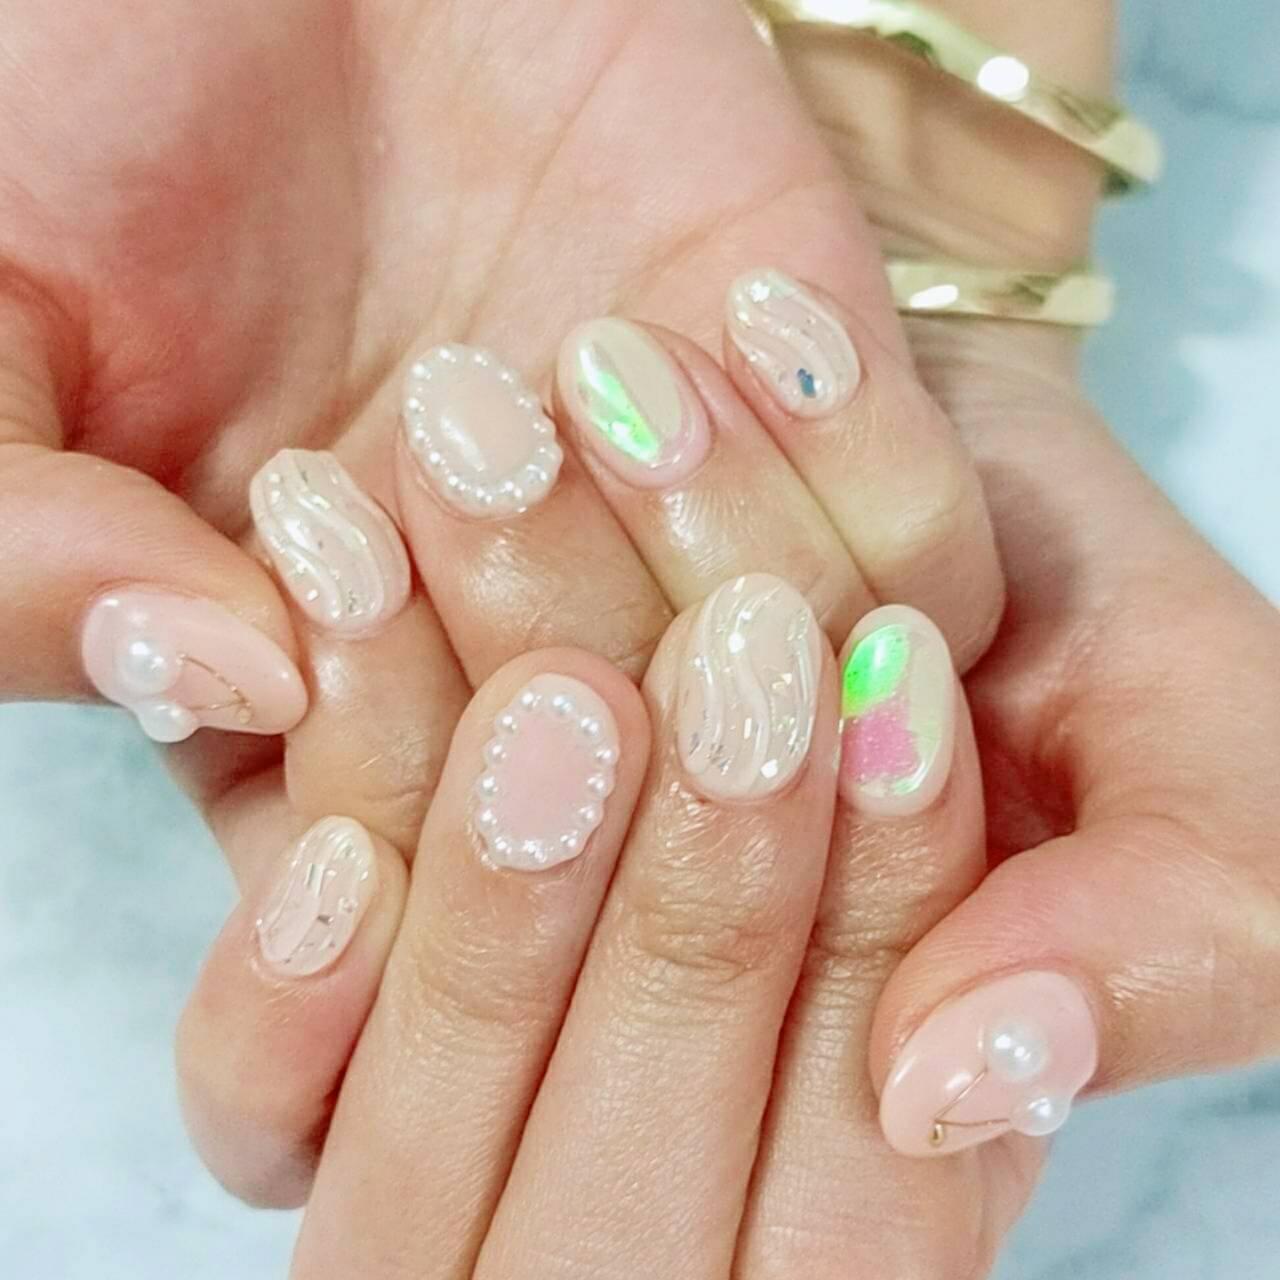 【夏ネイルデザイン】ピンク×ミラーネイルで、憂鬱な梅雨も吹っ飛ばす!!_1